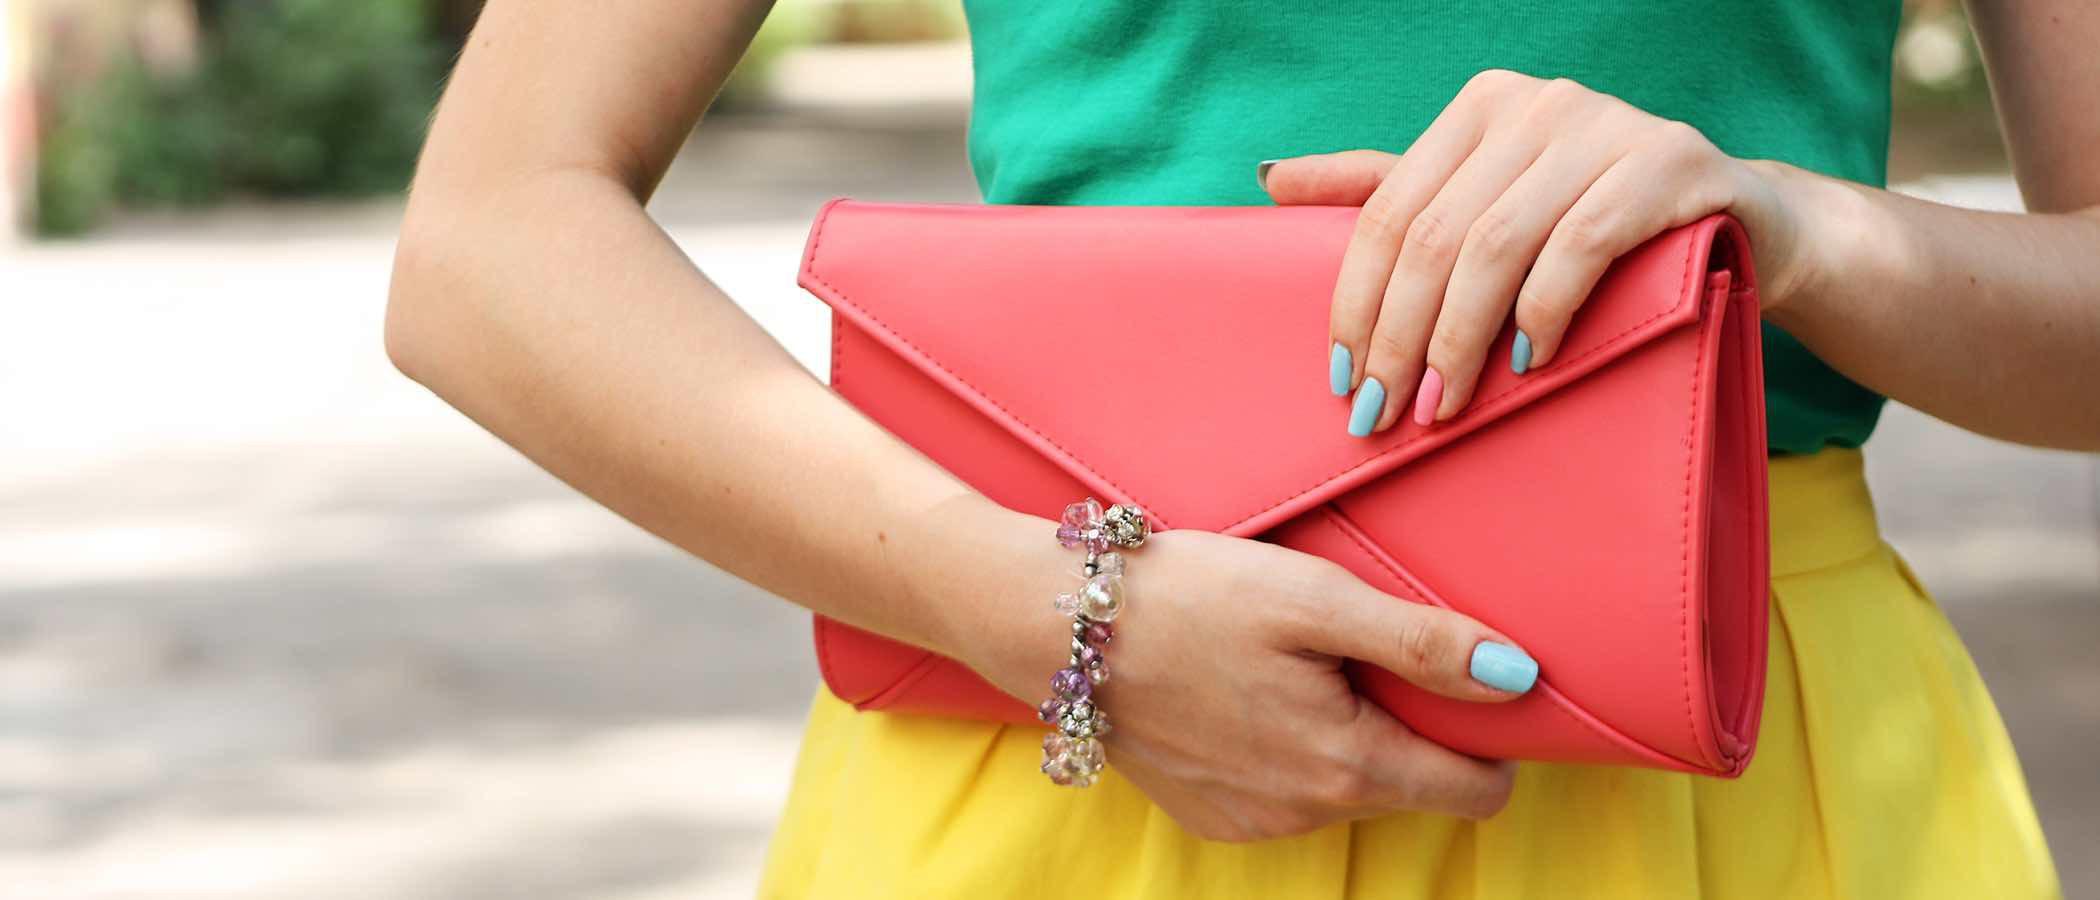 Bolsos de mano: cómo elegir el clutch adecuado